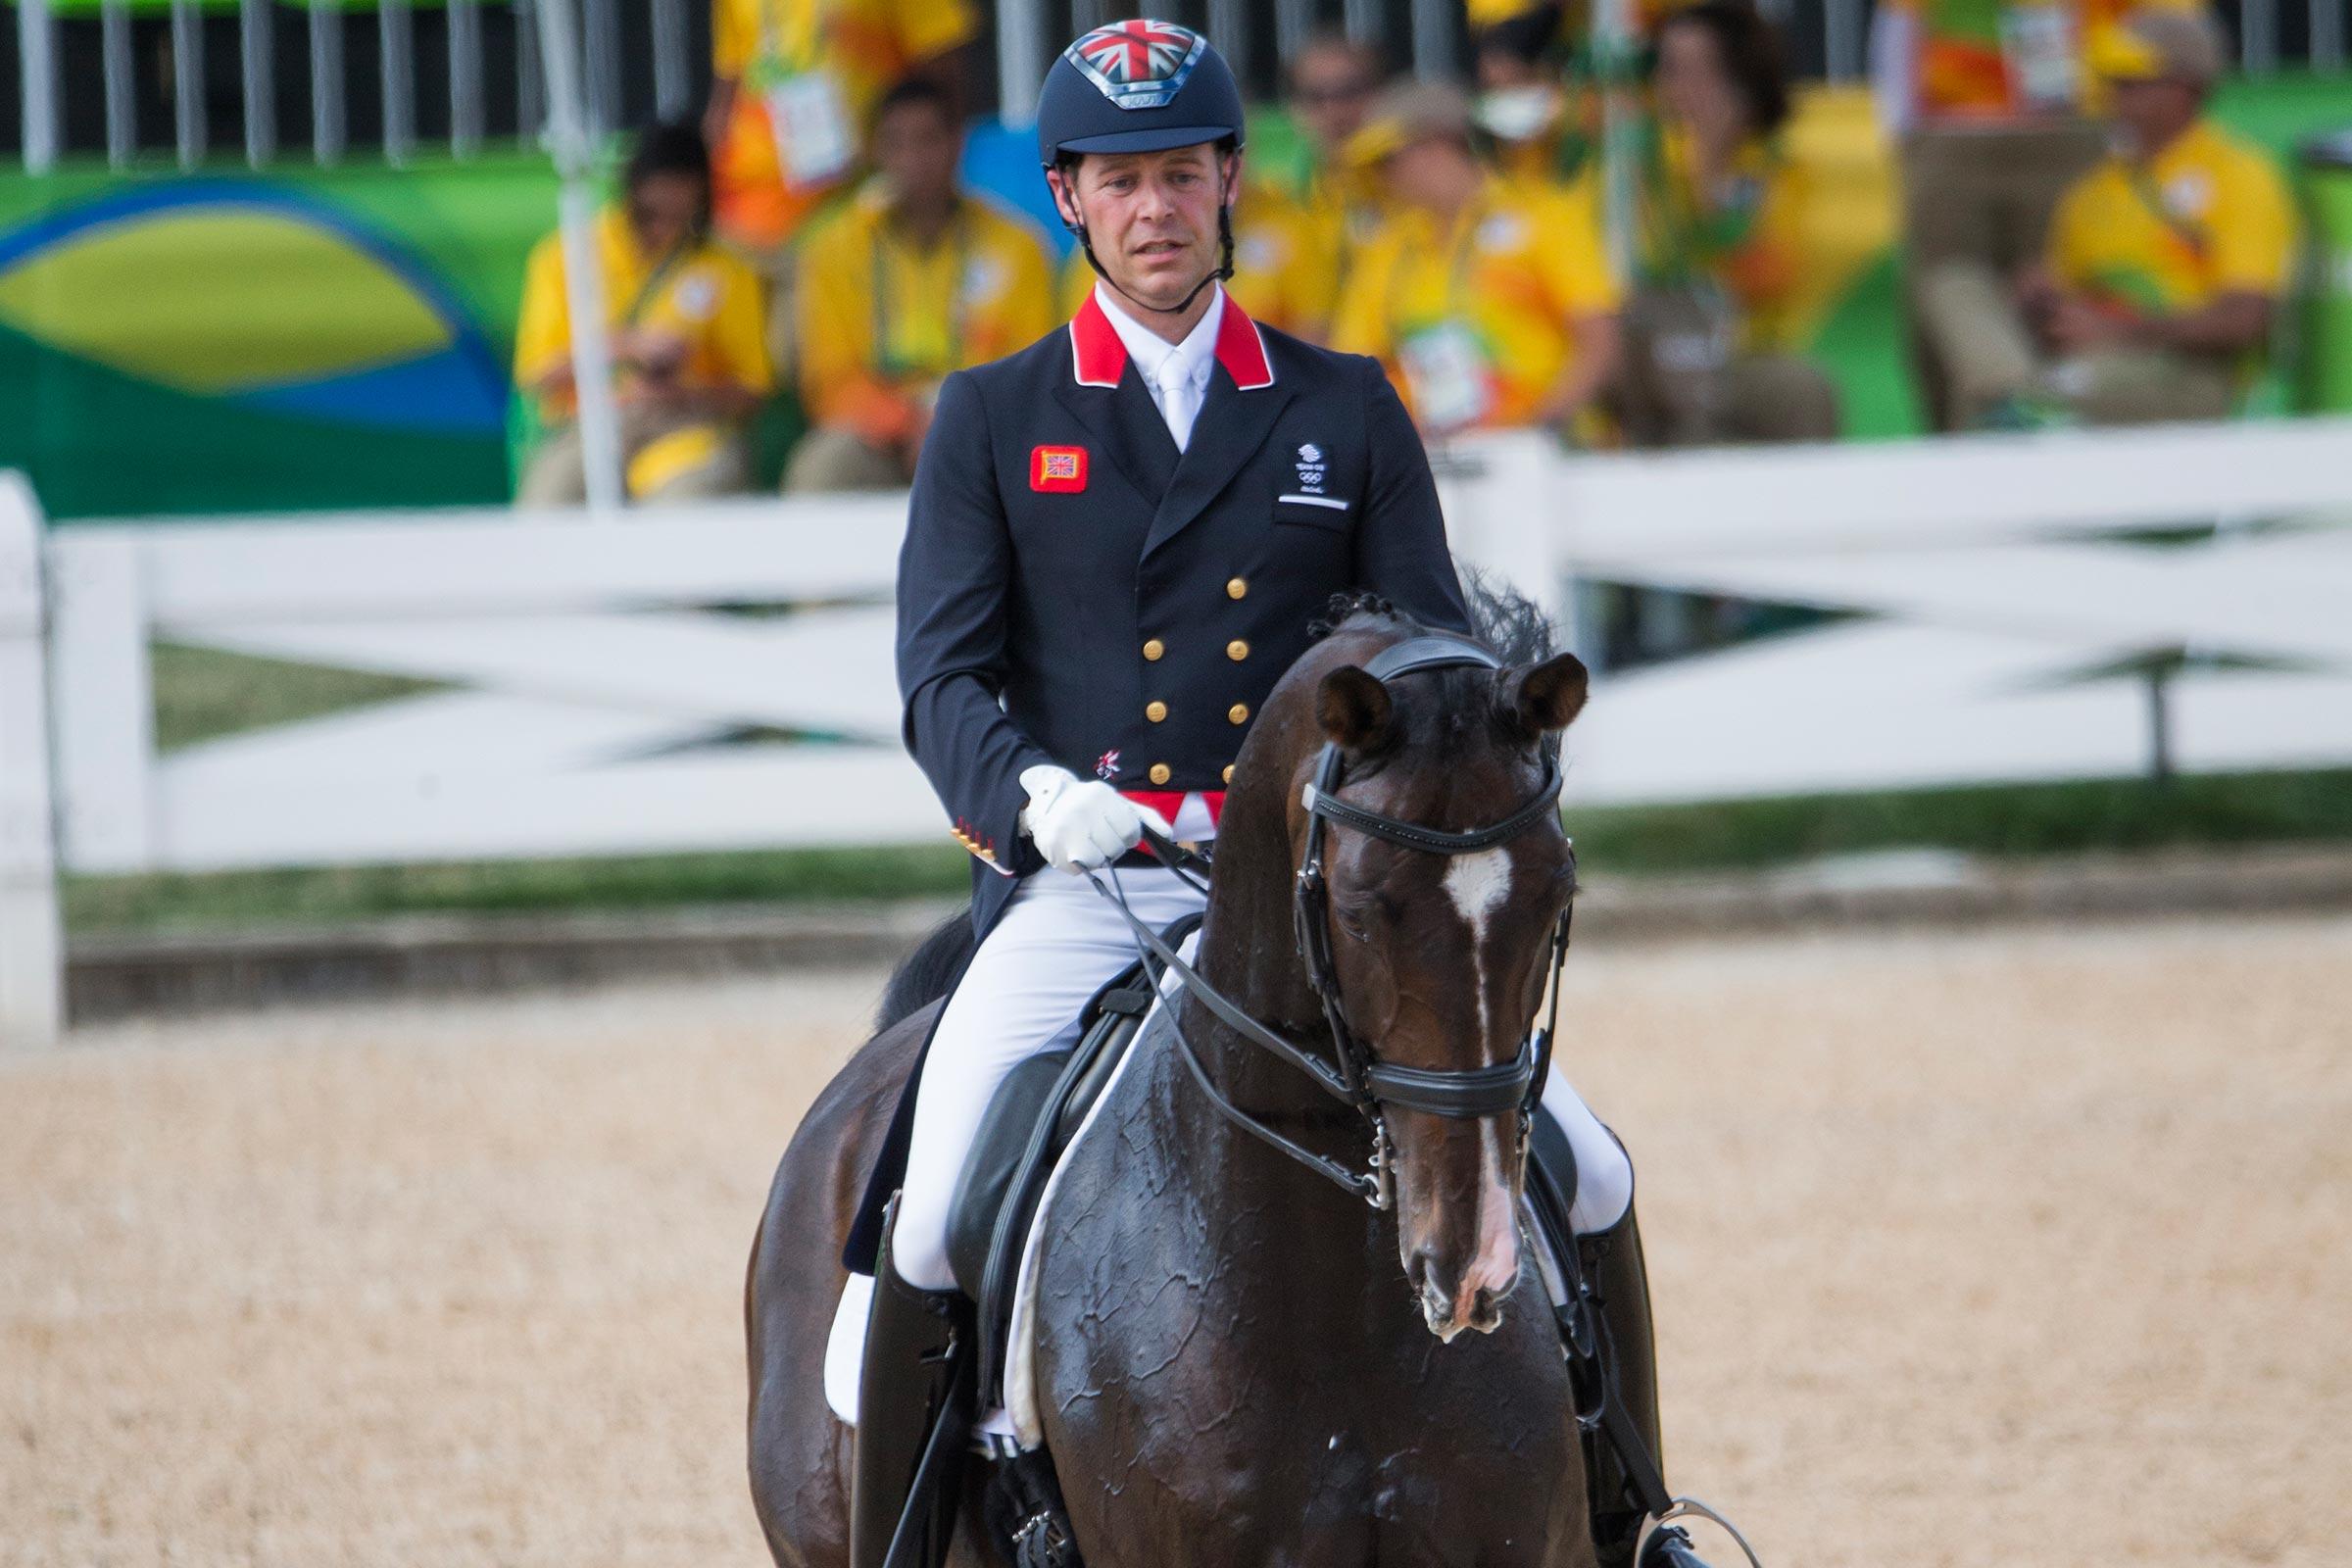 160812 Spencer Wilton, GBR och Super Nova II den 12 augusti 2016 under OS i Rio de Janeiro Photo: Roland Thunholm / BILDBYRÅN / COP 190